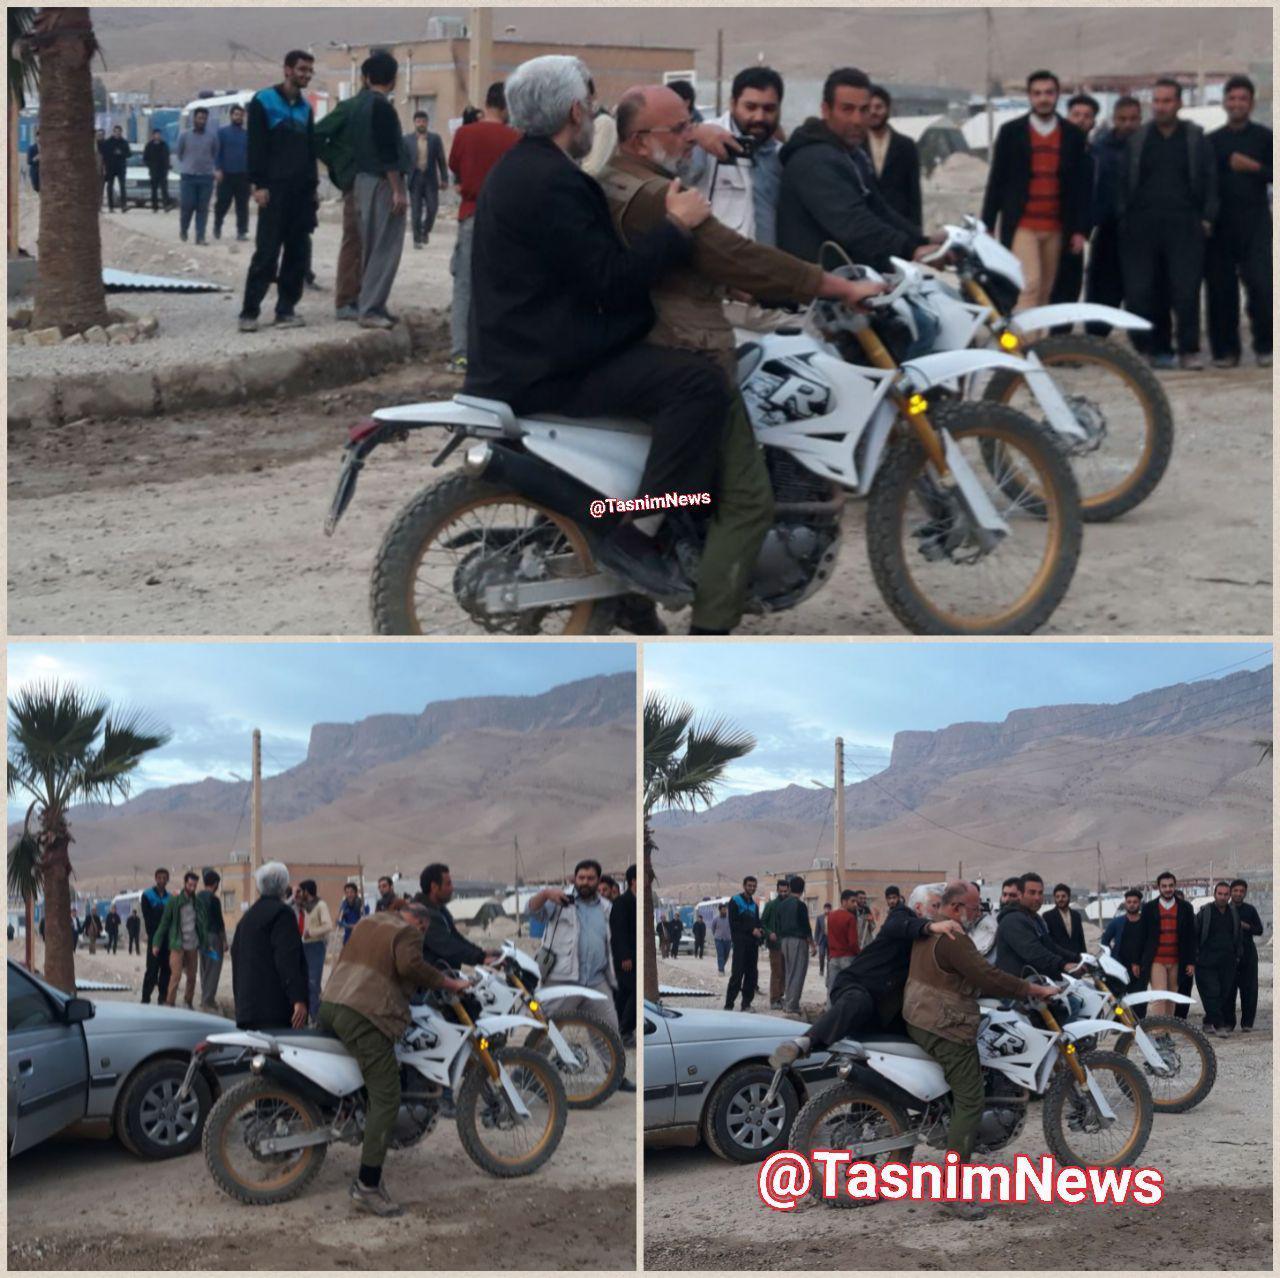 سعید جلیلی پشت موتور در مناطق زلزله زده کرمانشاه (عکس)